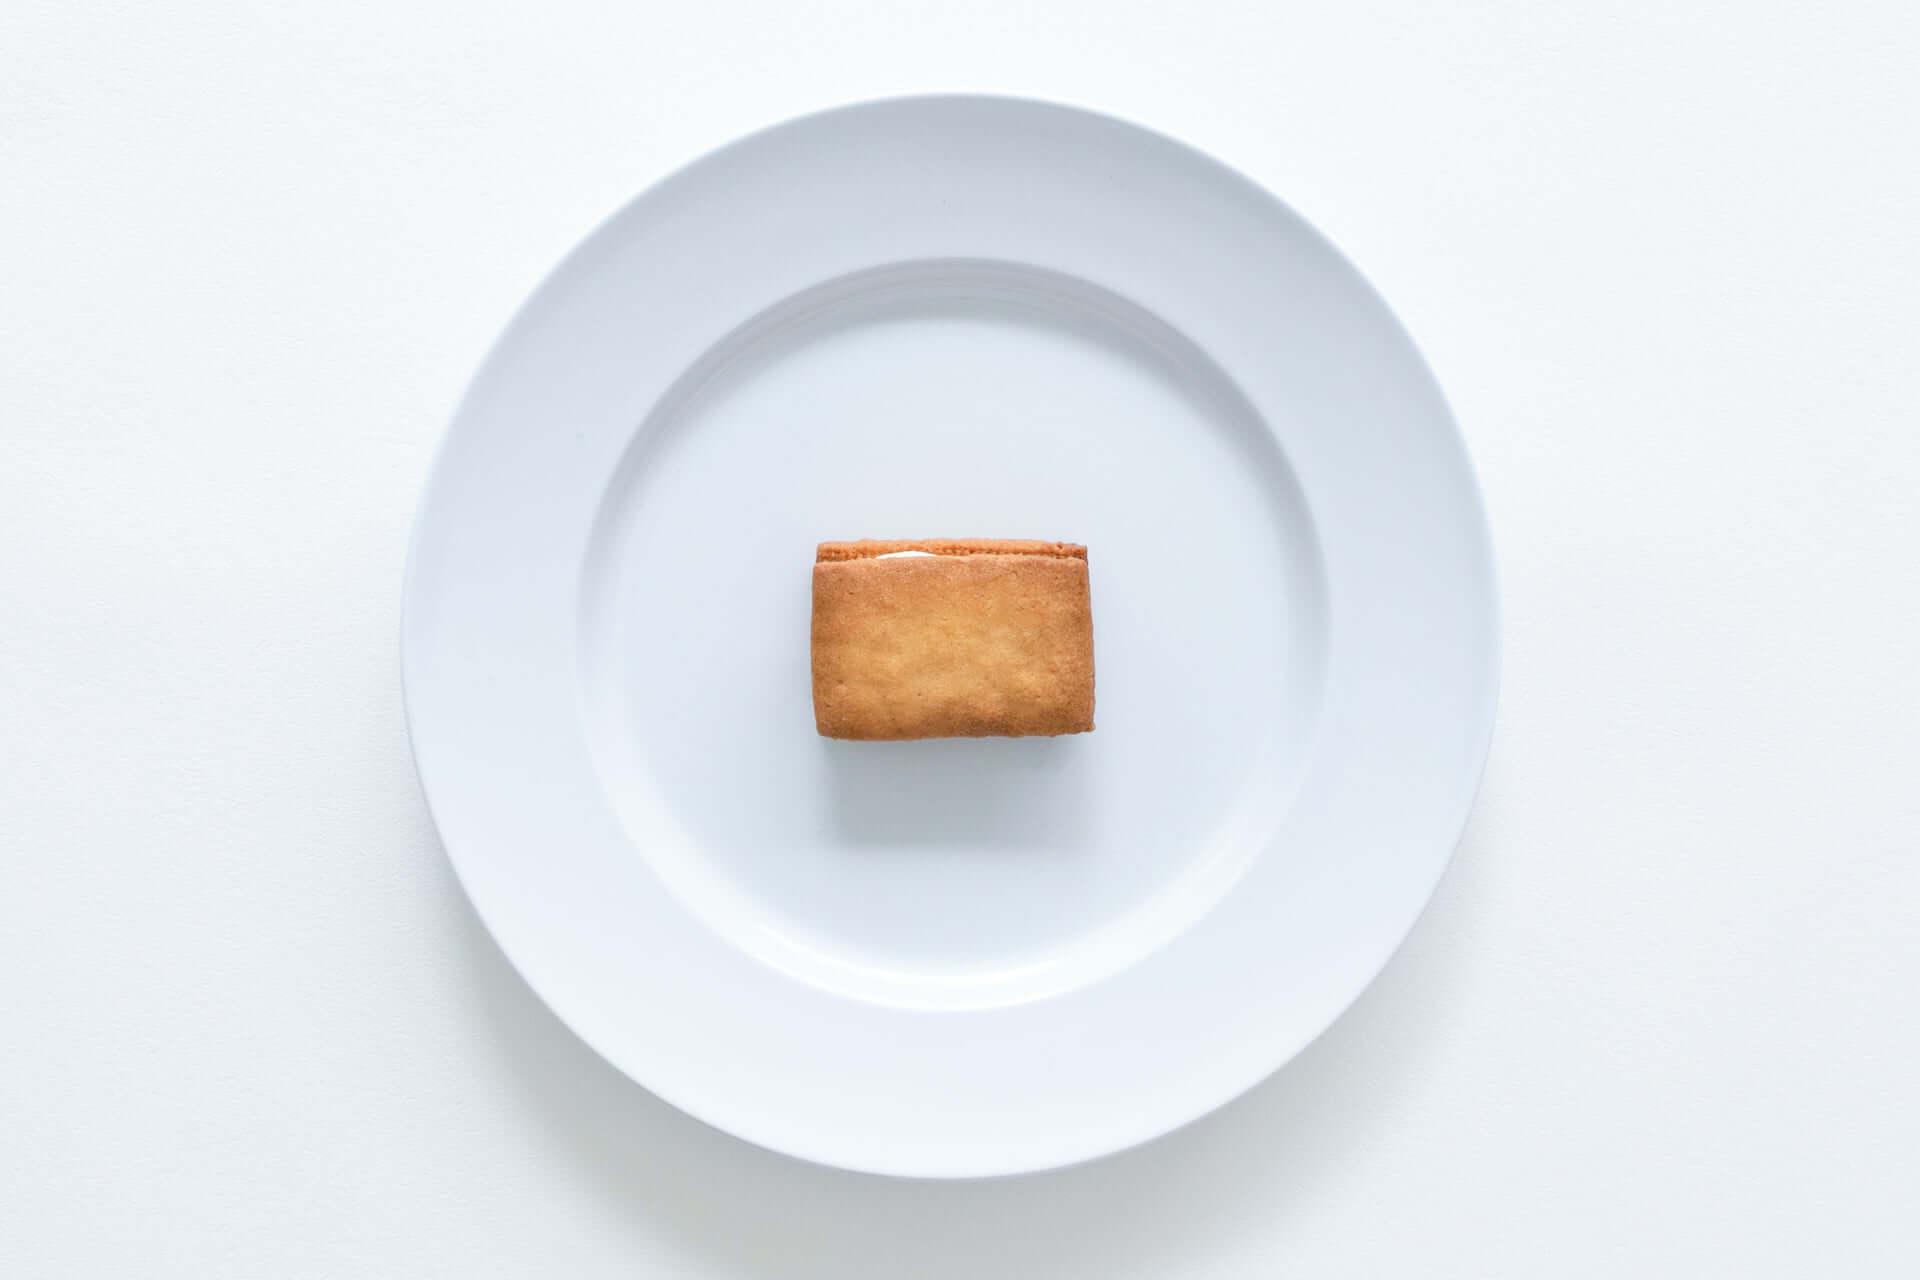 """新感覚の""""食べるバター""""を味わおう!バター原理主義者のためのバターサンド『CANOBLE THE BUTTER SAND』がCANOBLEより発売決定 gourmet200728_canoble-thebuttersand_4-1920x1280"""